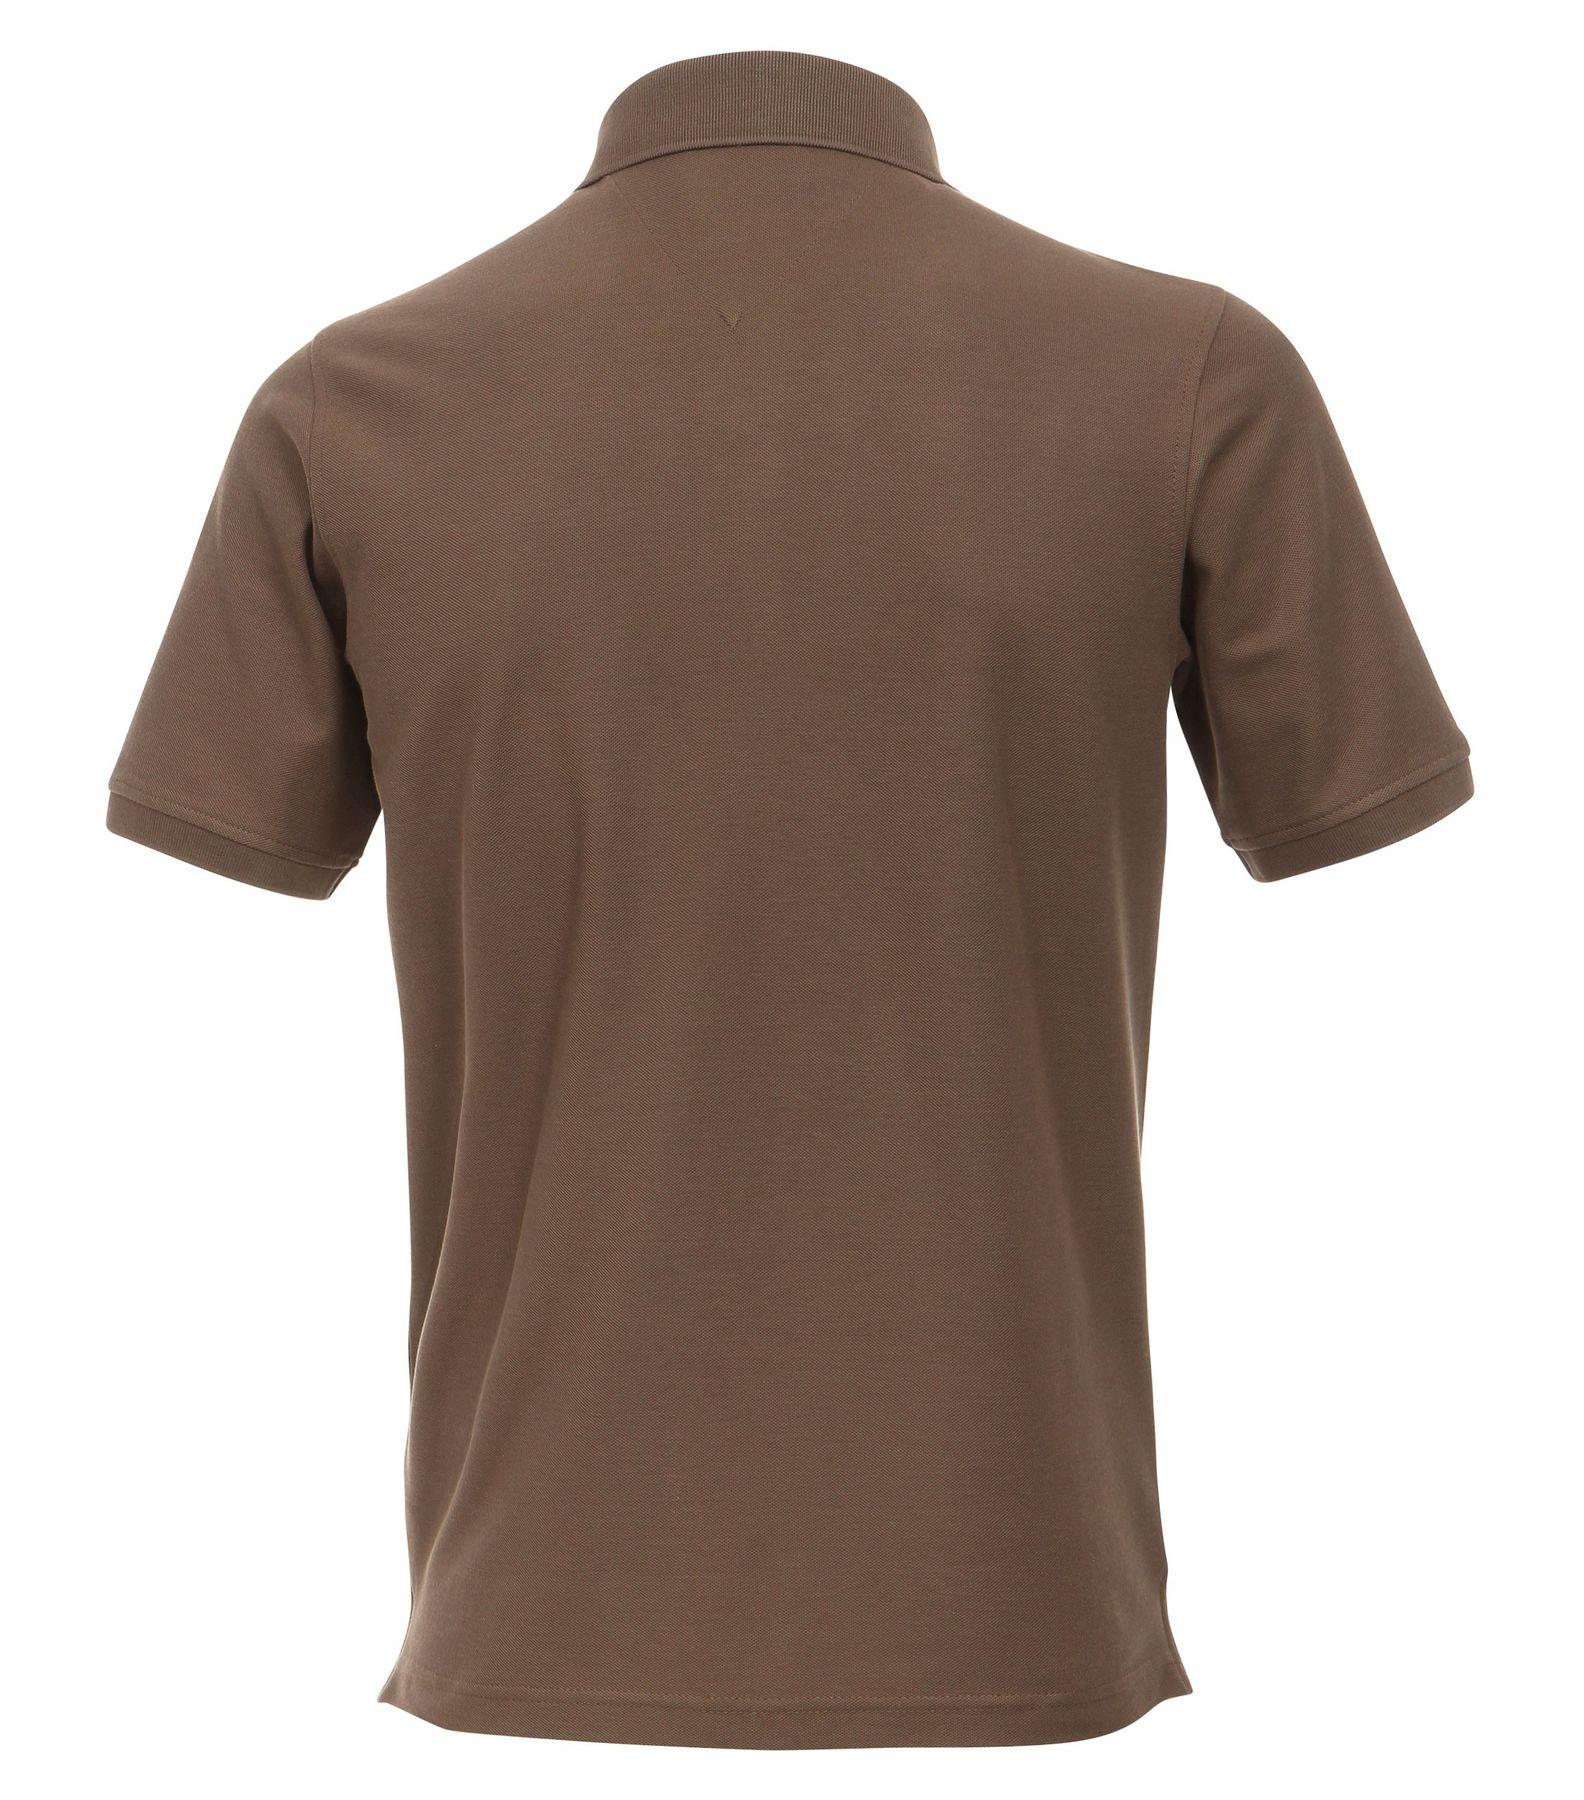 Casa Moda - Herren Polo Shirt mit Brusttasche in verschiedenen Farben (004270 A) – Bild 2